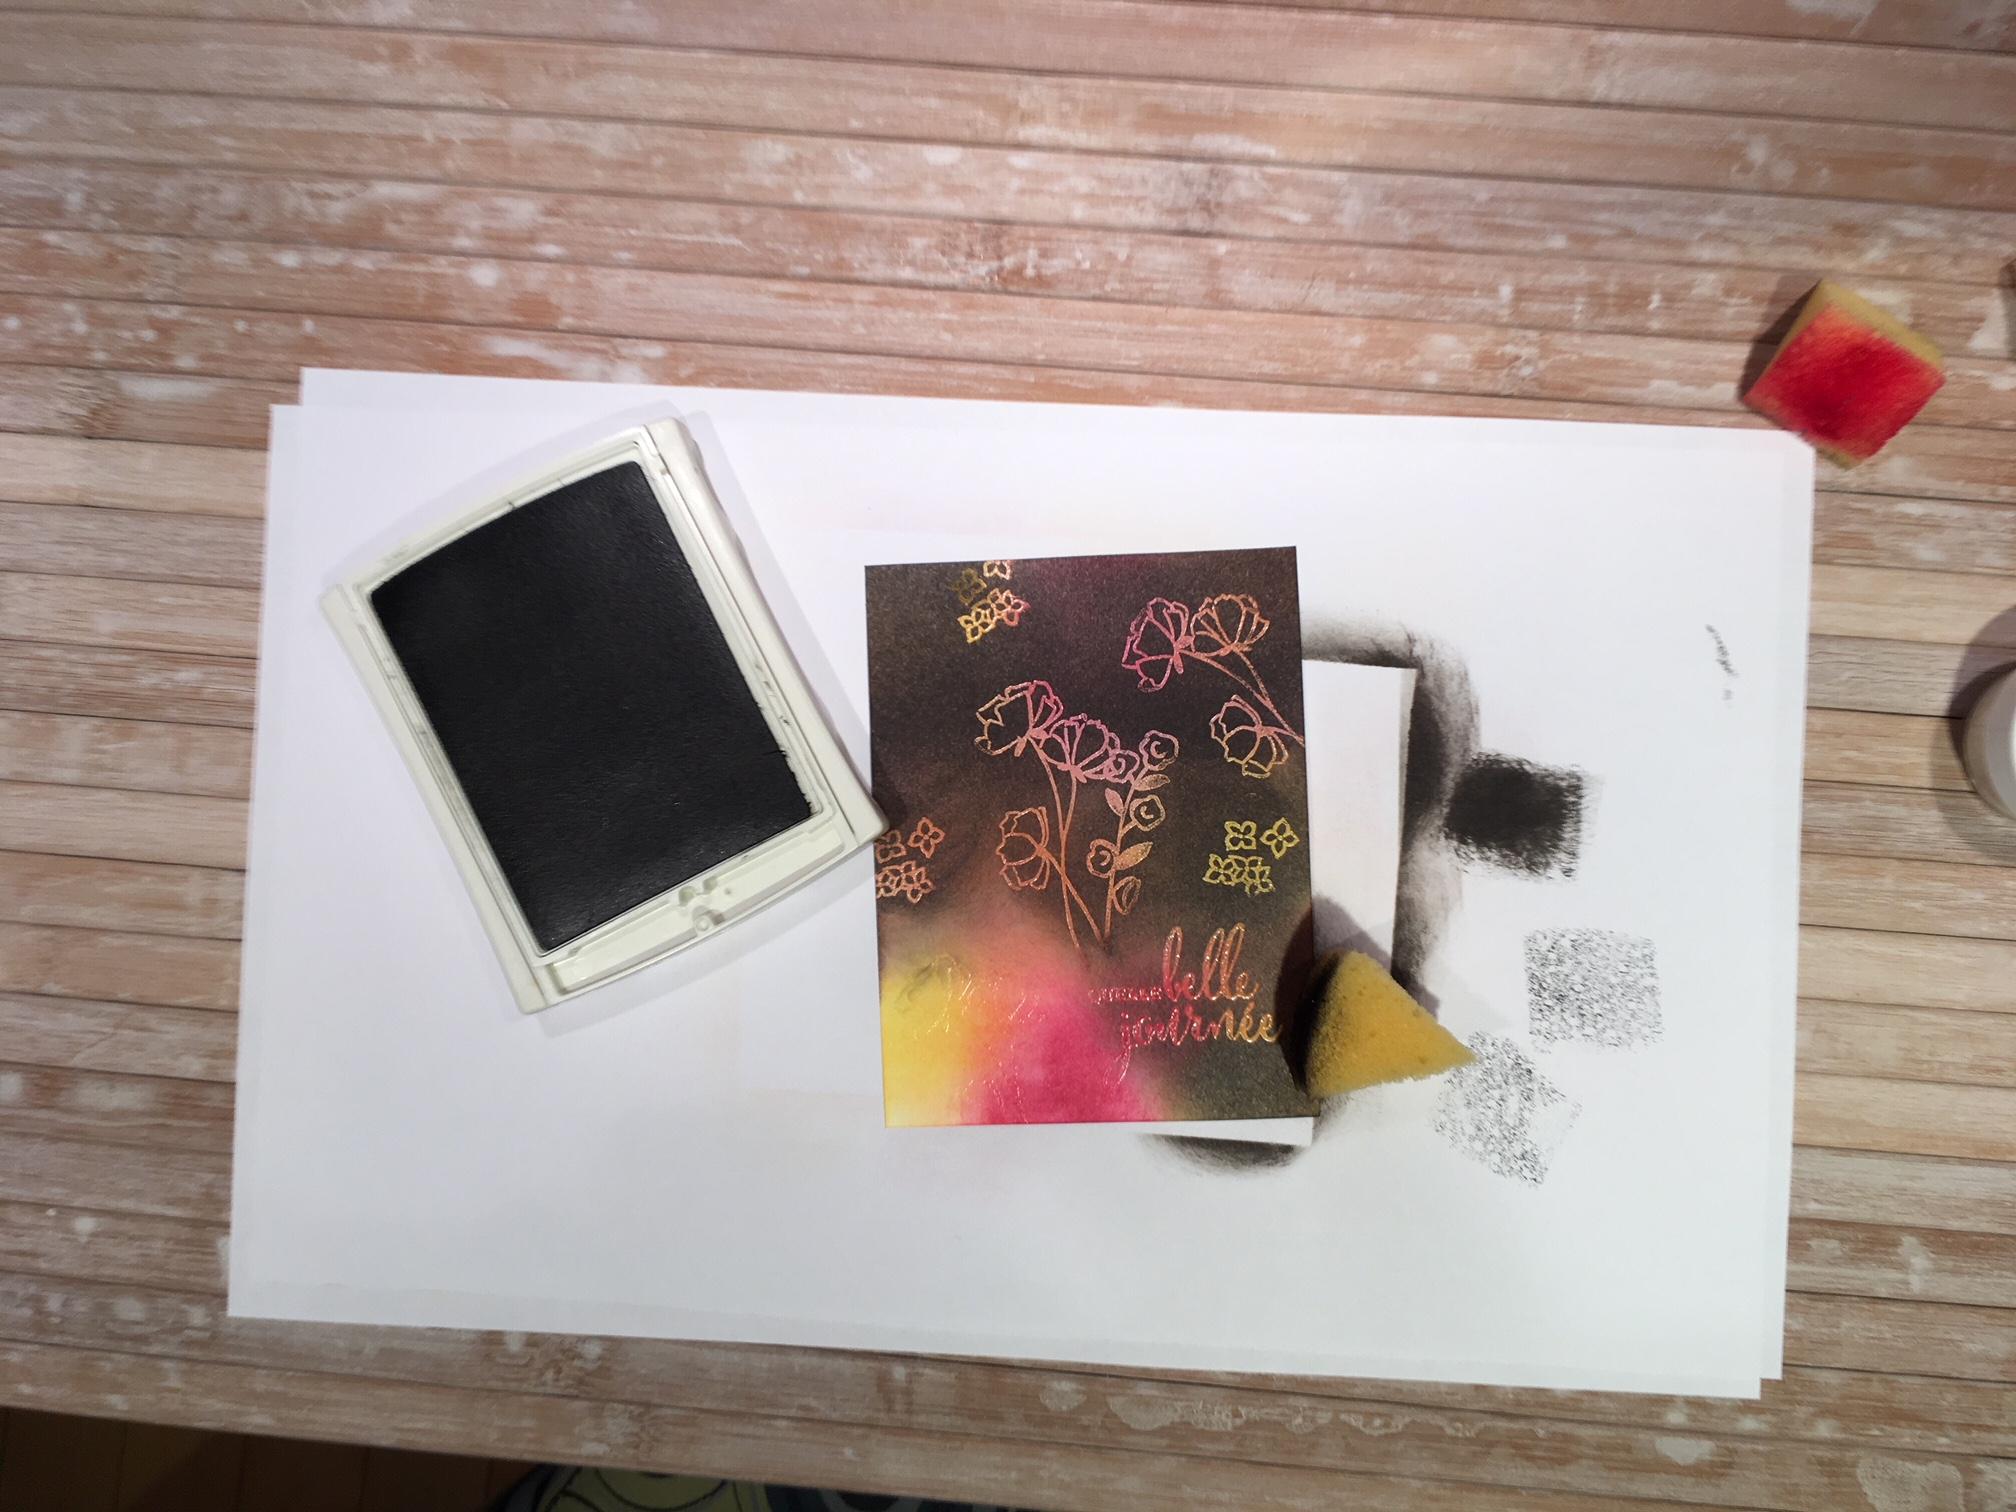 À l'aide d'une éponge ajouter l'encre sur tout le carton